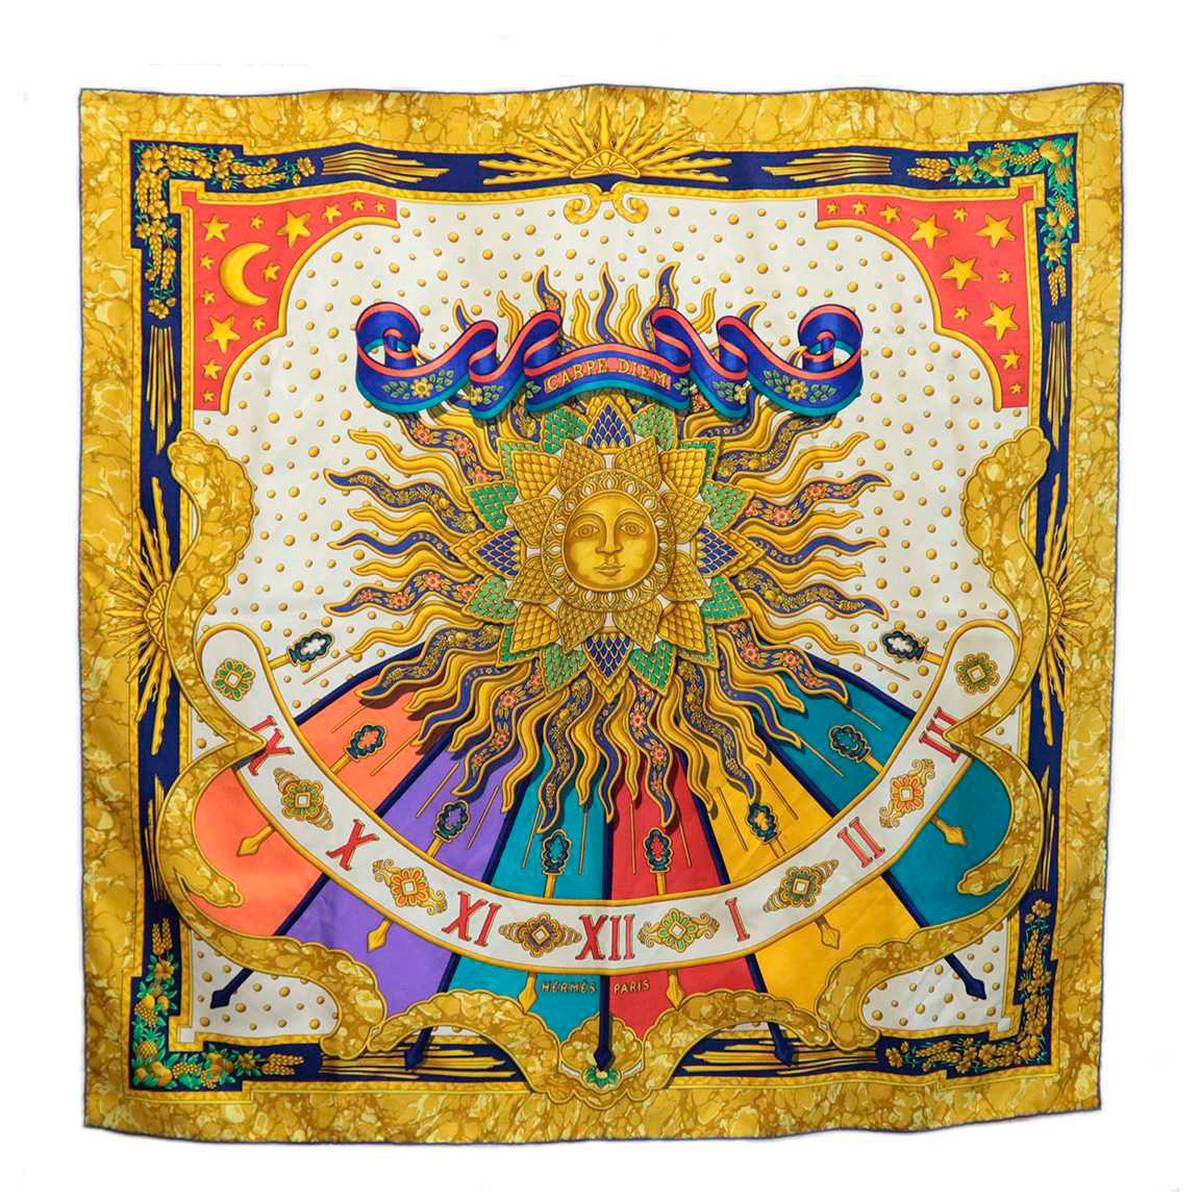 【中古】 HERMES/エルメス カレ スカーフ 太陽柄 シルク100% KA Bランク